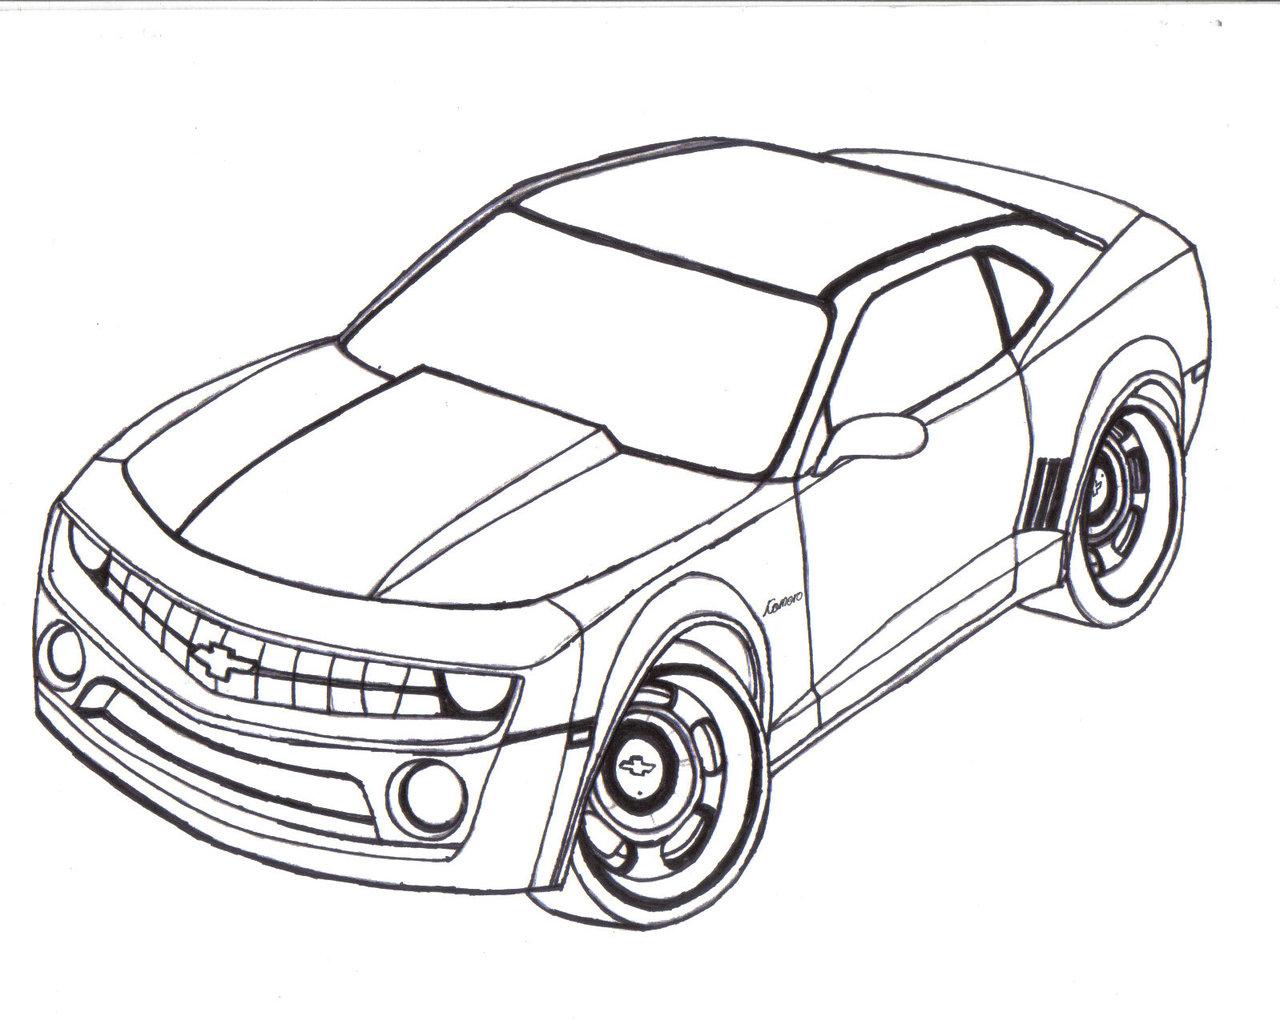 Drawn vehicle camaro And Black Camaro And White